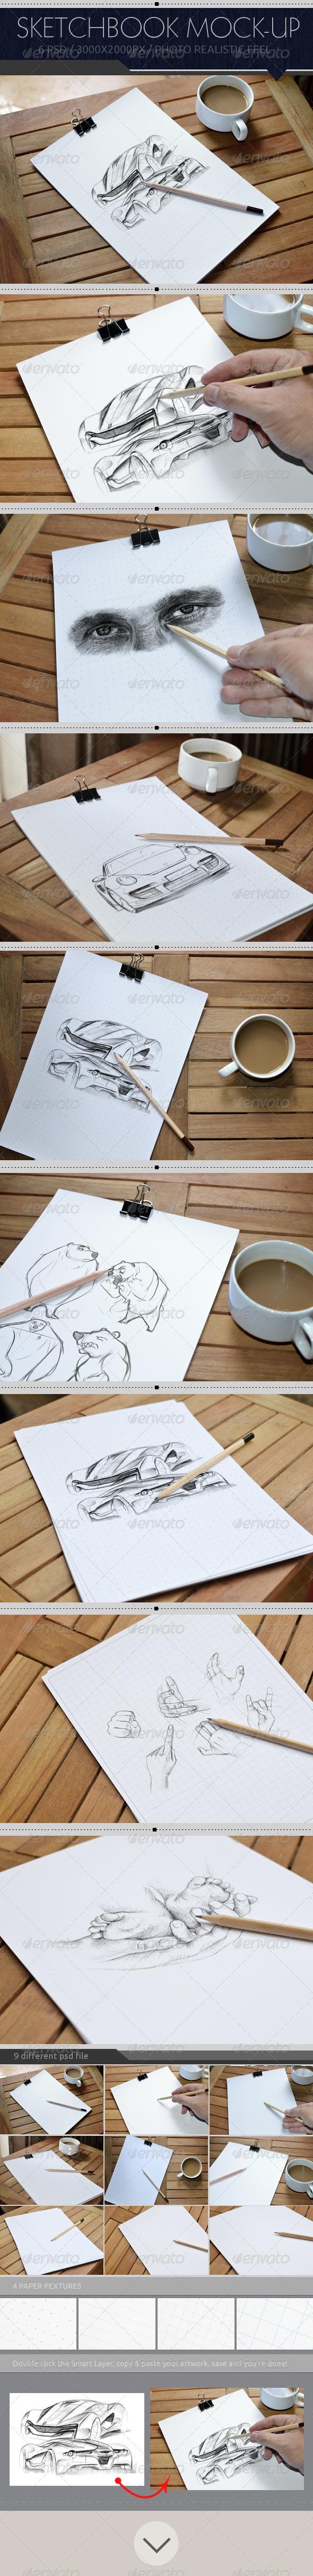 GraphicRiver Sketchbook Mock-Up 7776679